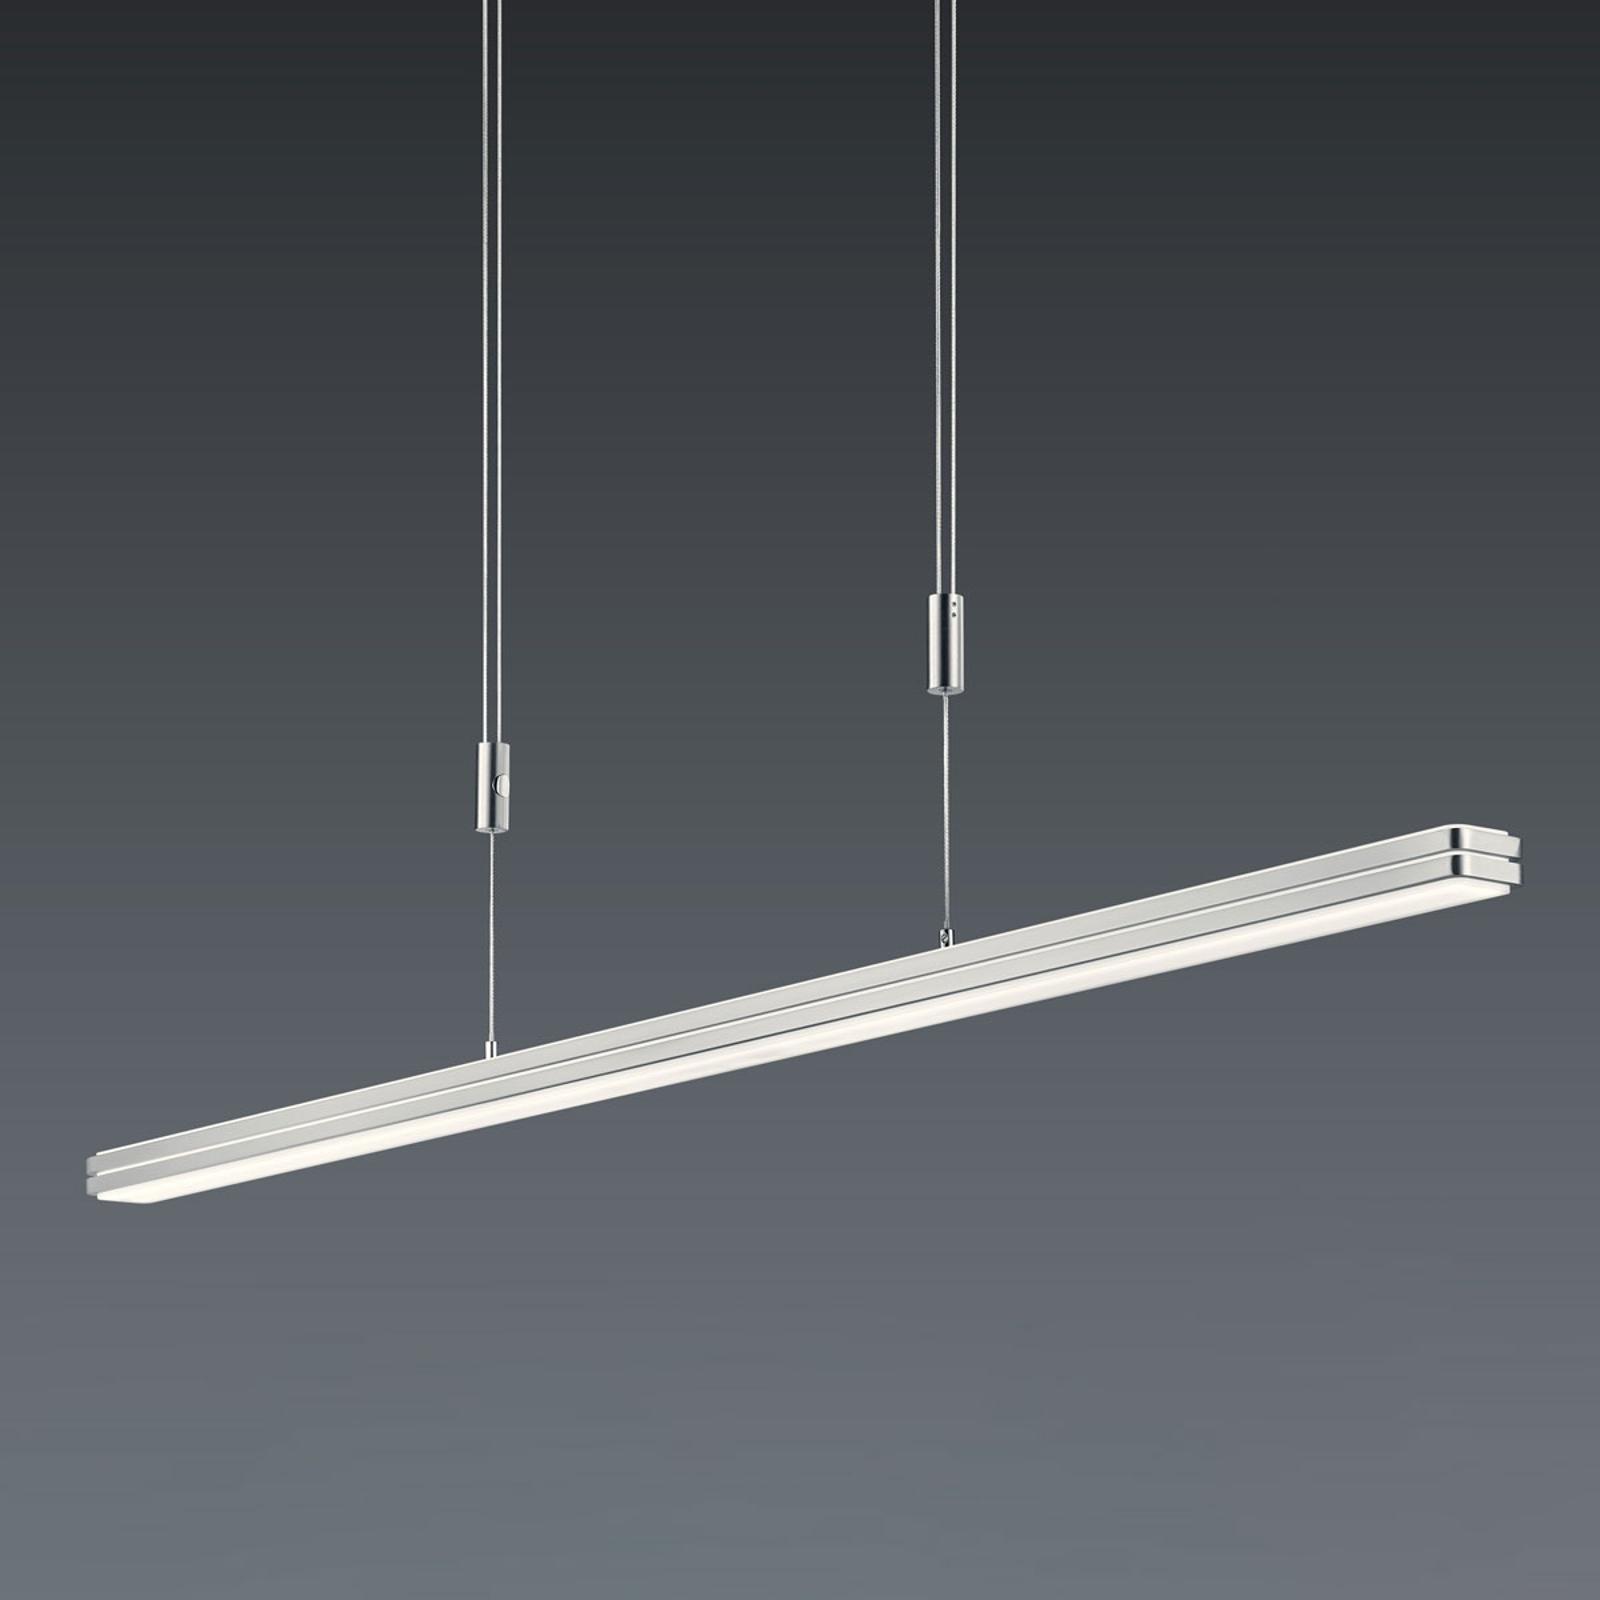 BANKAMP Gem lampa wisząca LED, zgodna z ZigBee